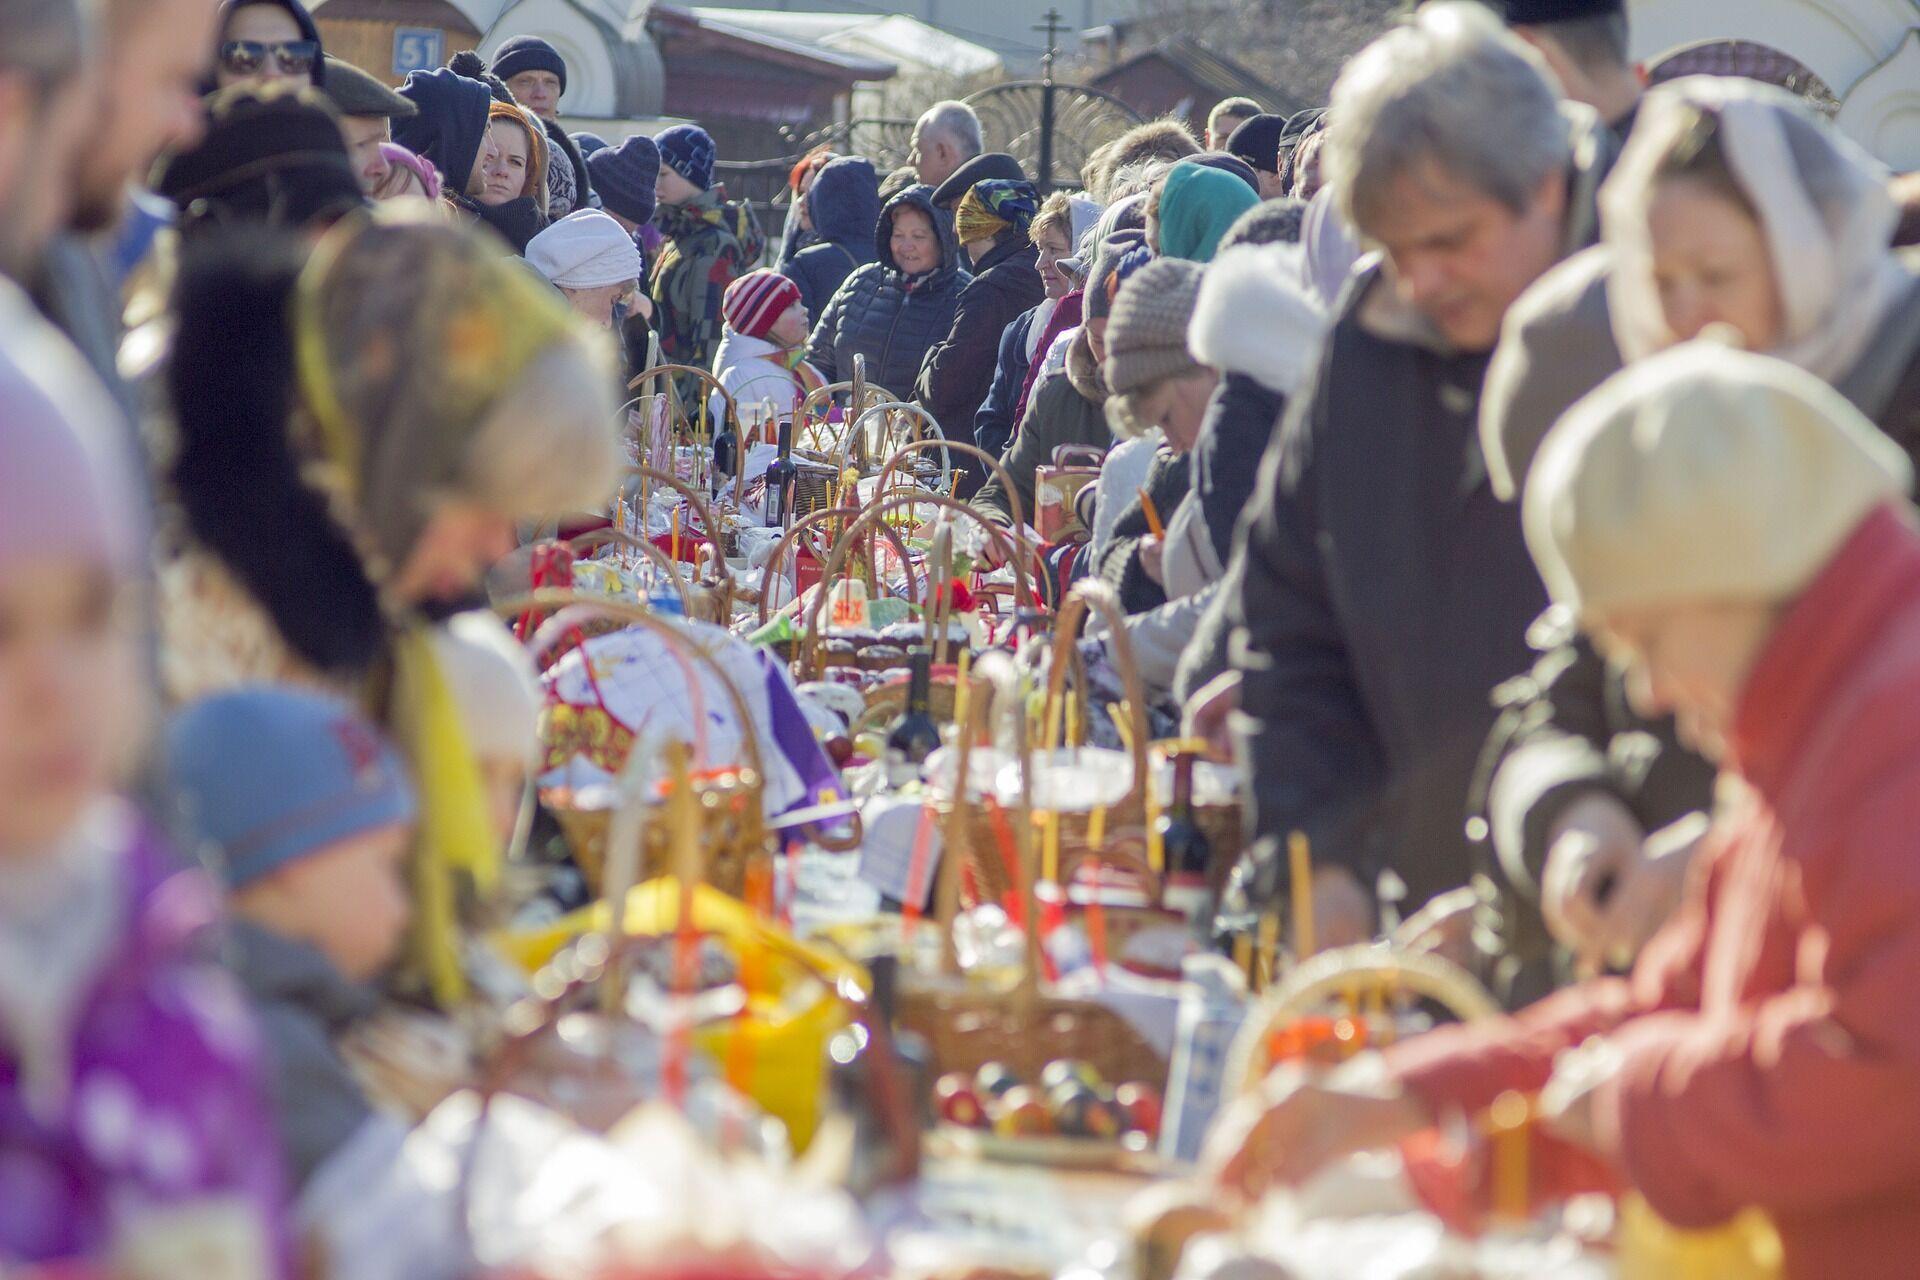 Накануне Пасхи верующие отправятся в храмы, чтобы посетить богослужения и освятить пасхальные корзины